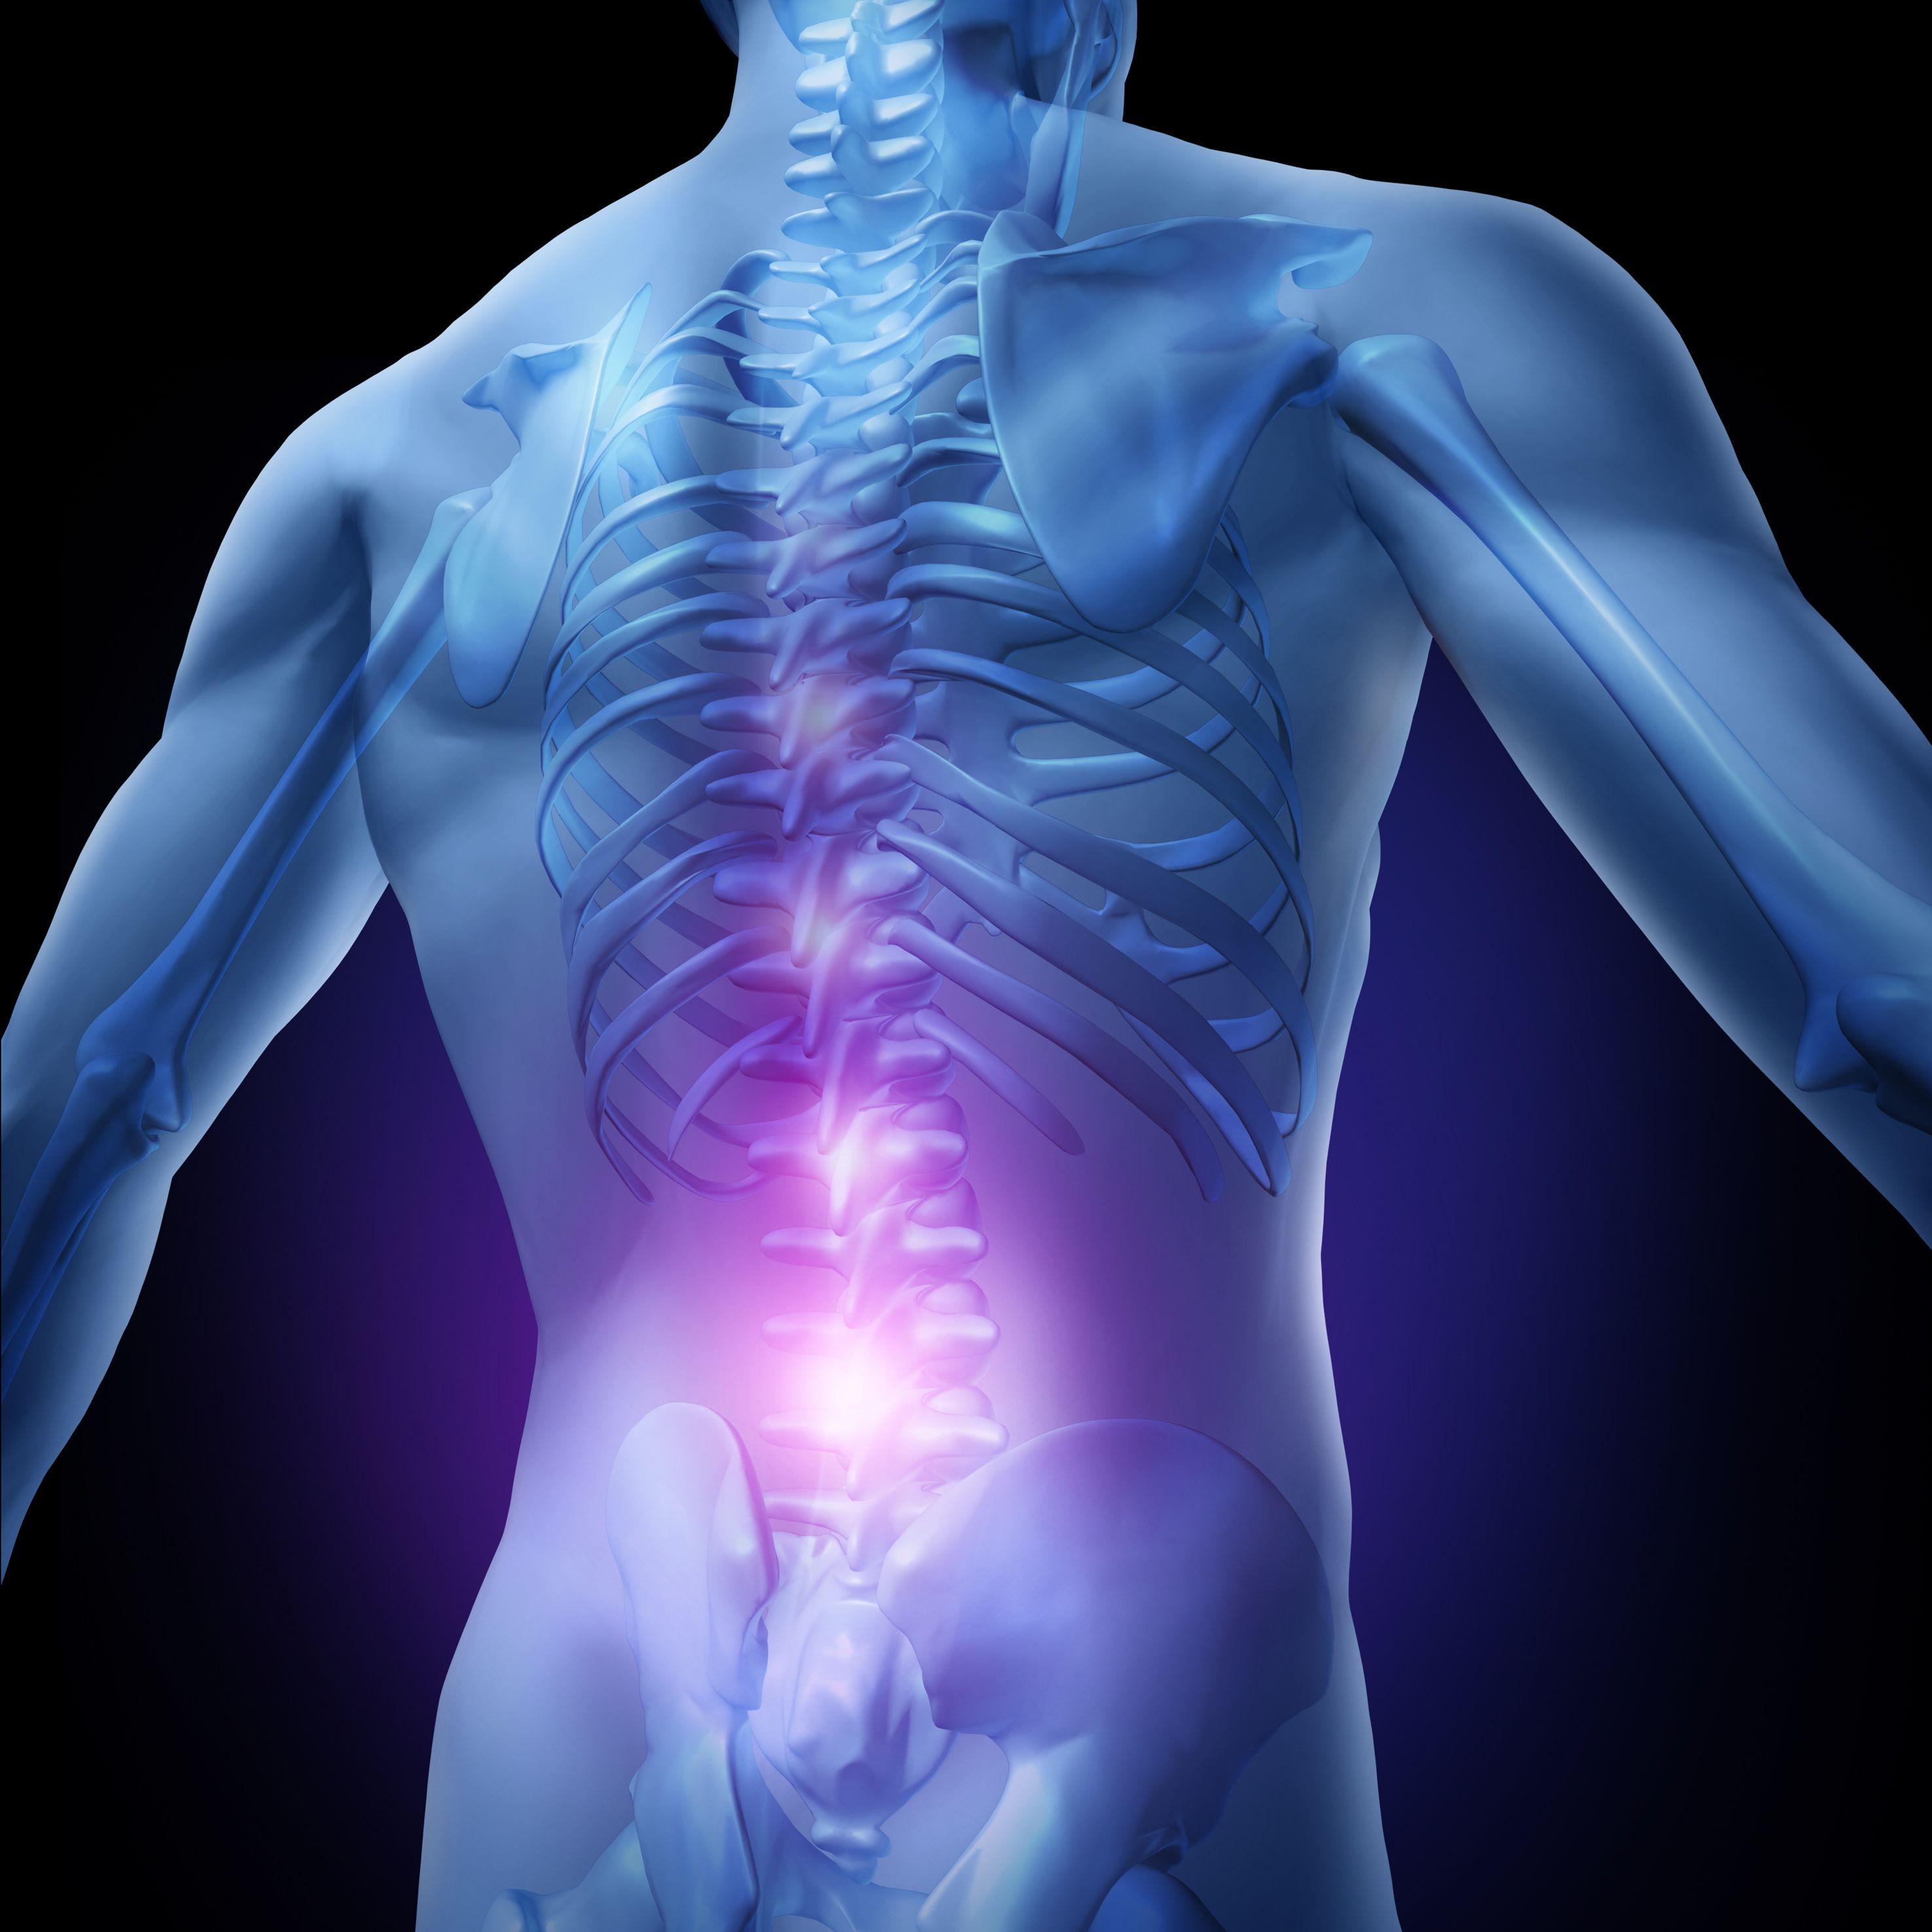 Dolor de espalda a los 40 ¿A ti también te duele? Escucha el mensaje de tu cuerpo